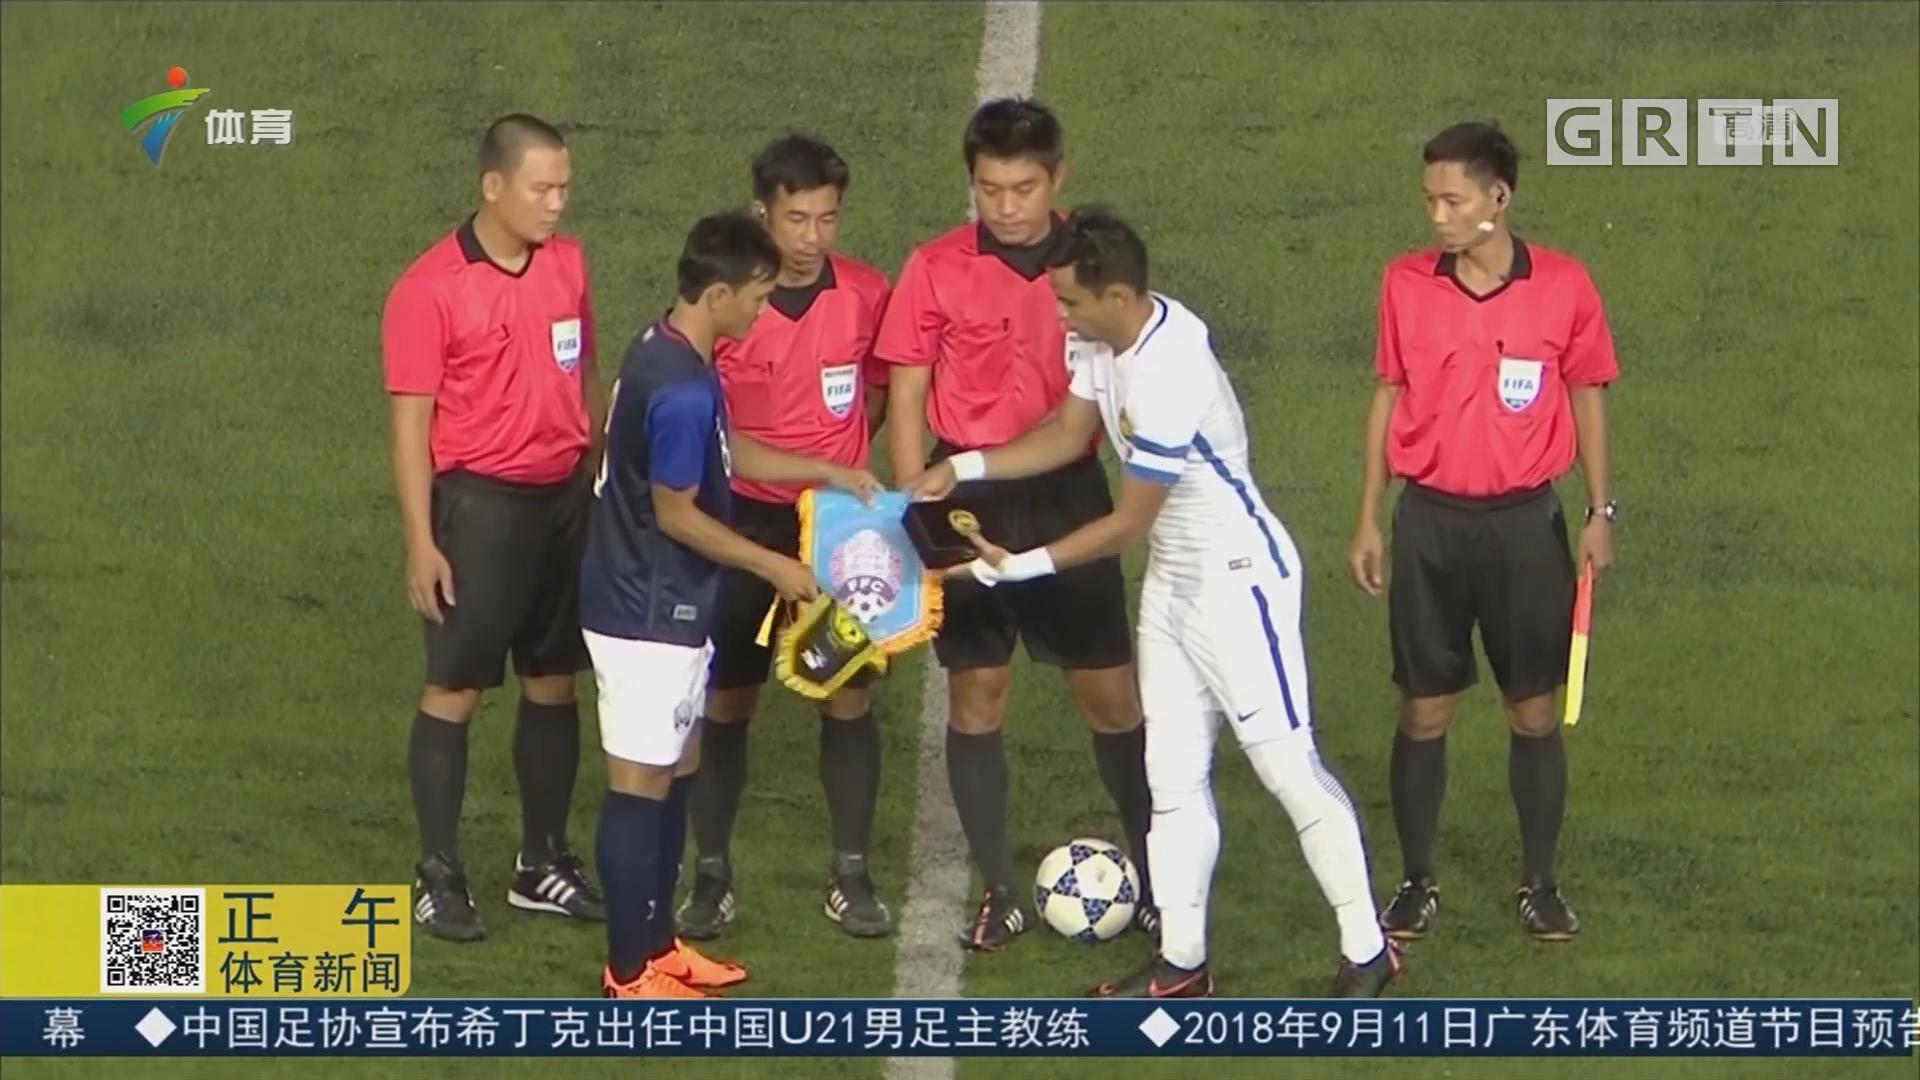 执教首秀遭逆转 本田圭佑:教练和球员不一样